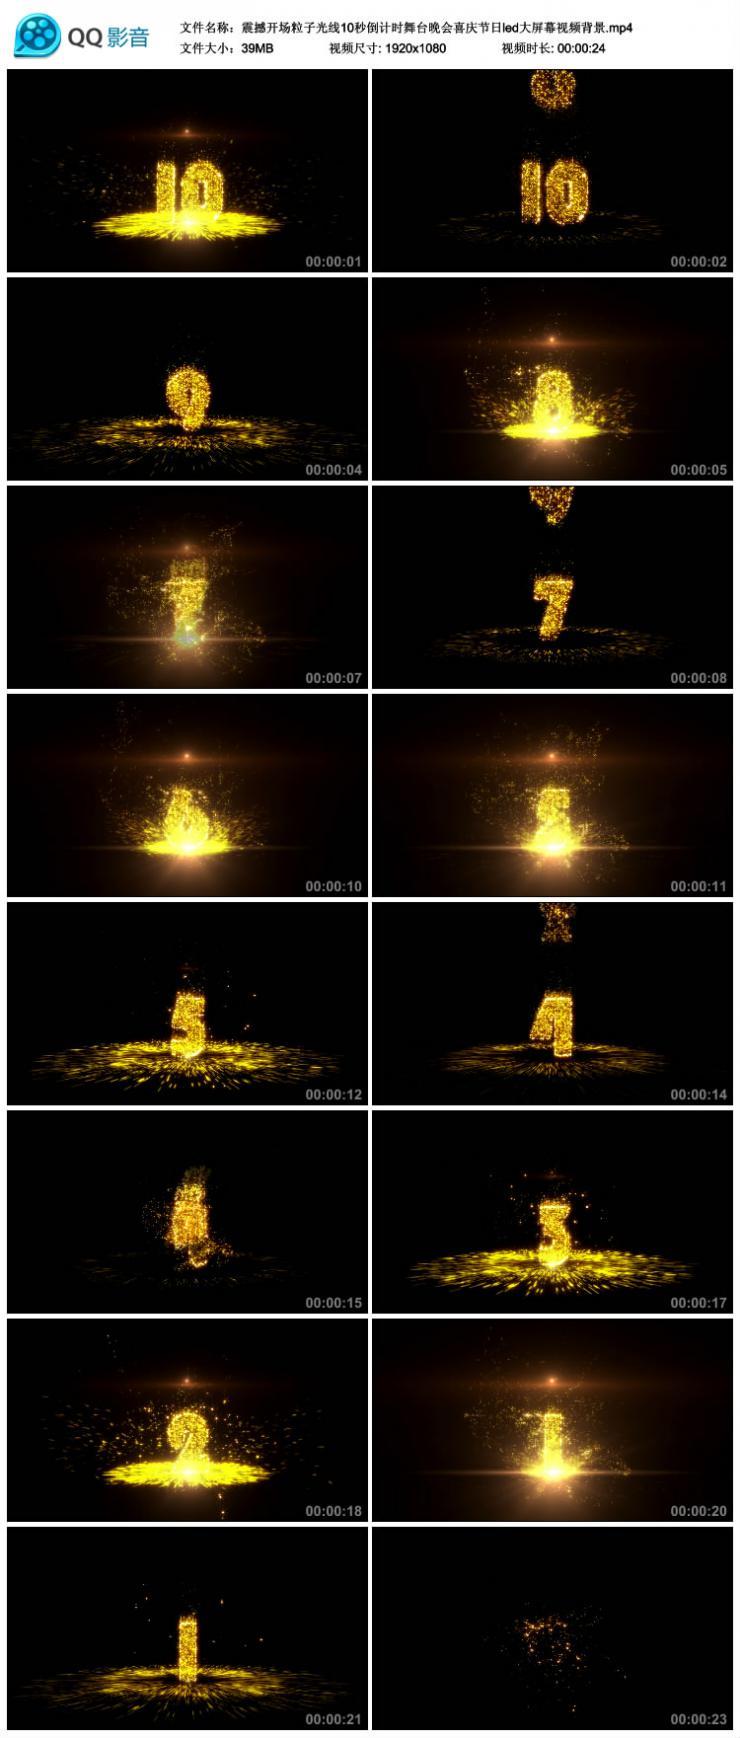 震撼开场粒子光线10秒倒计时舞台晚会喜庆节日led屏幕视频景